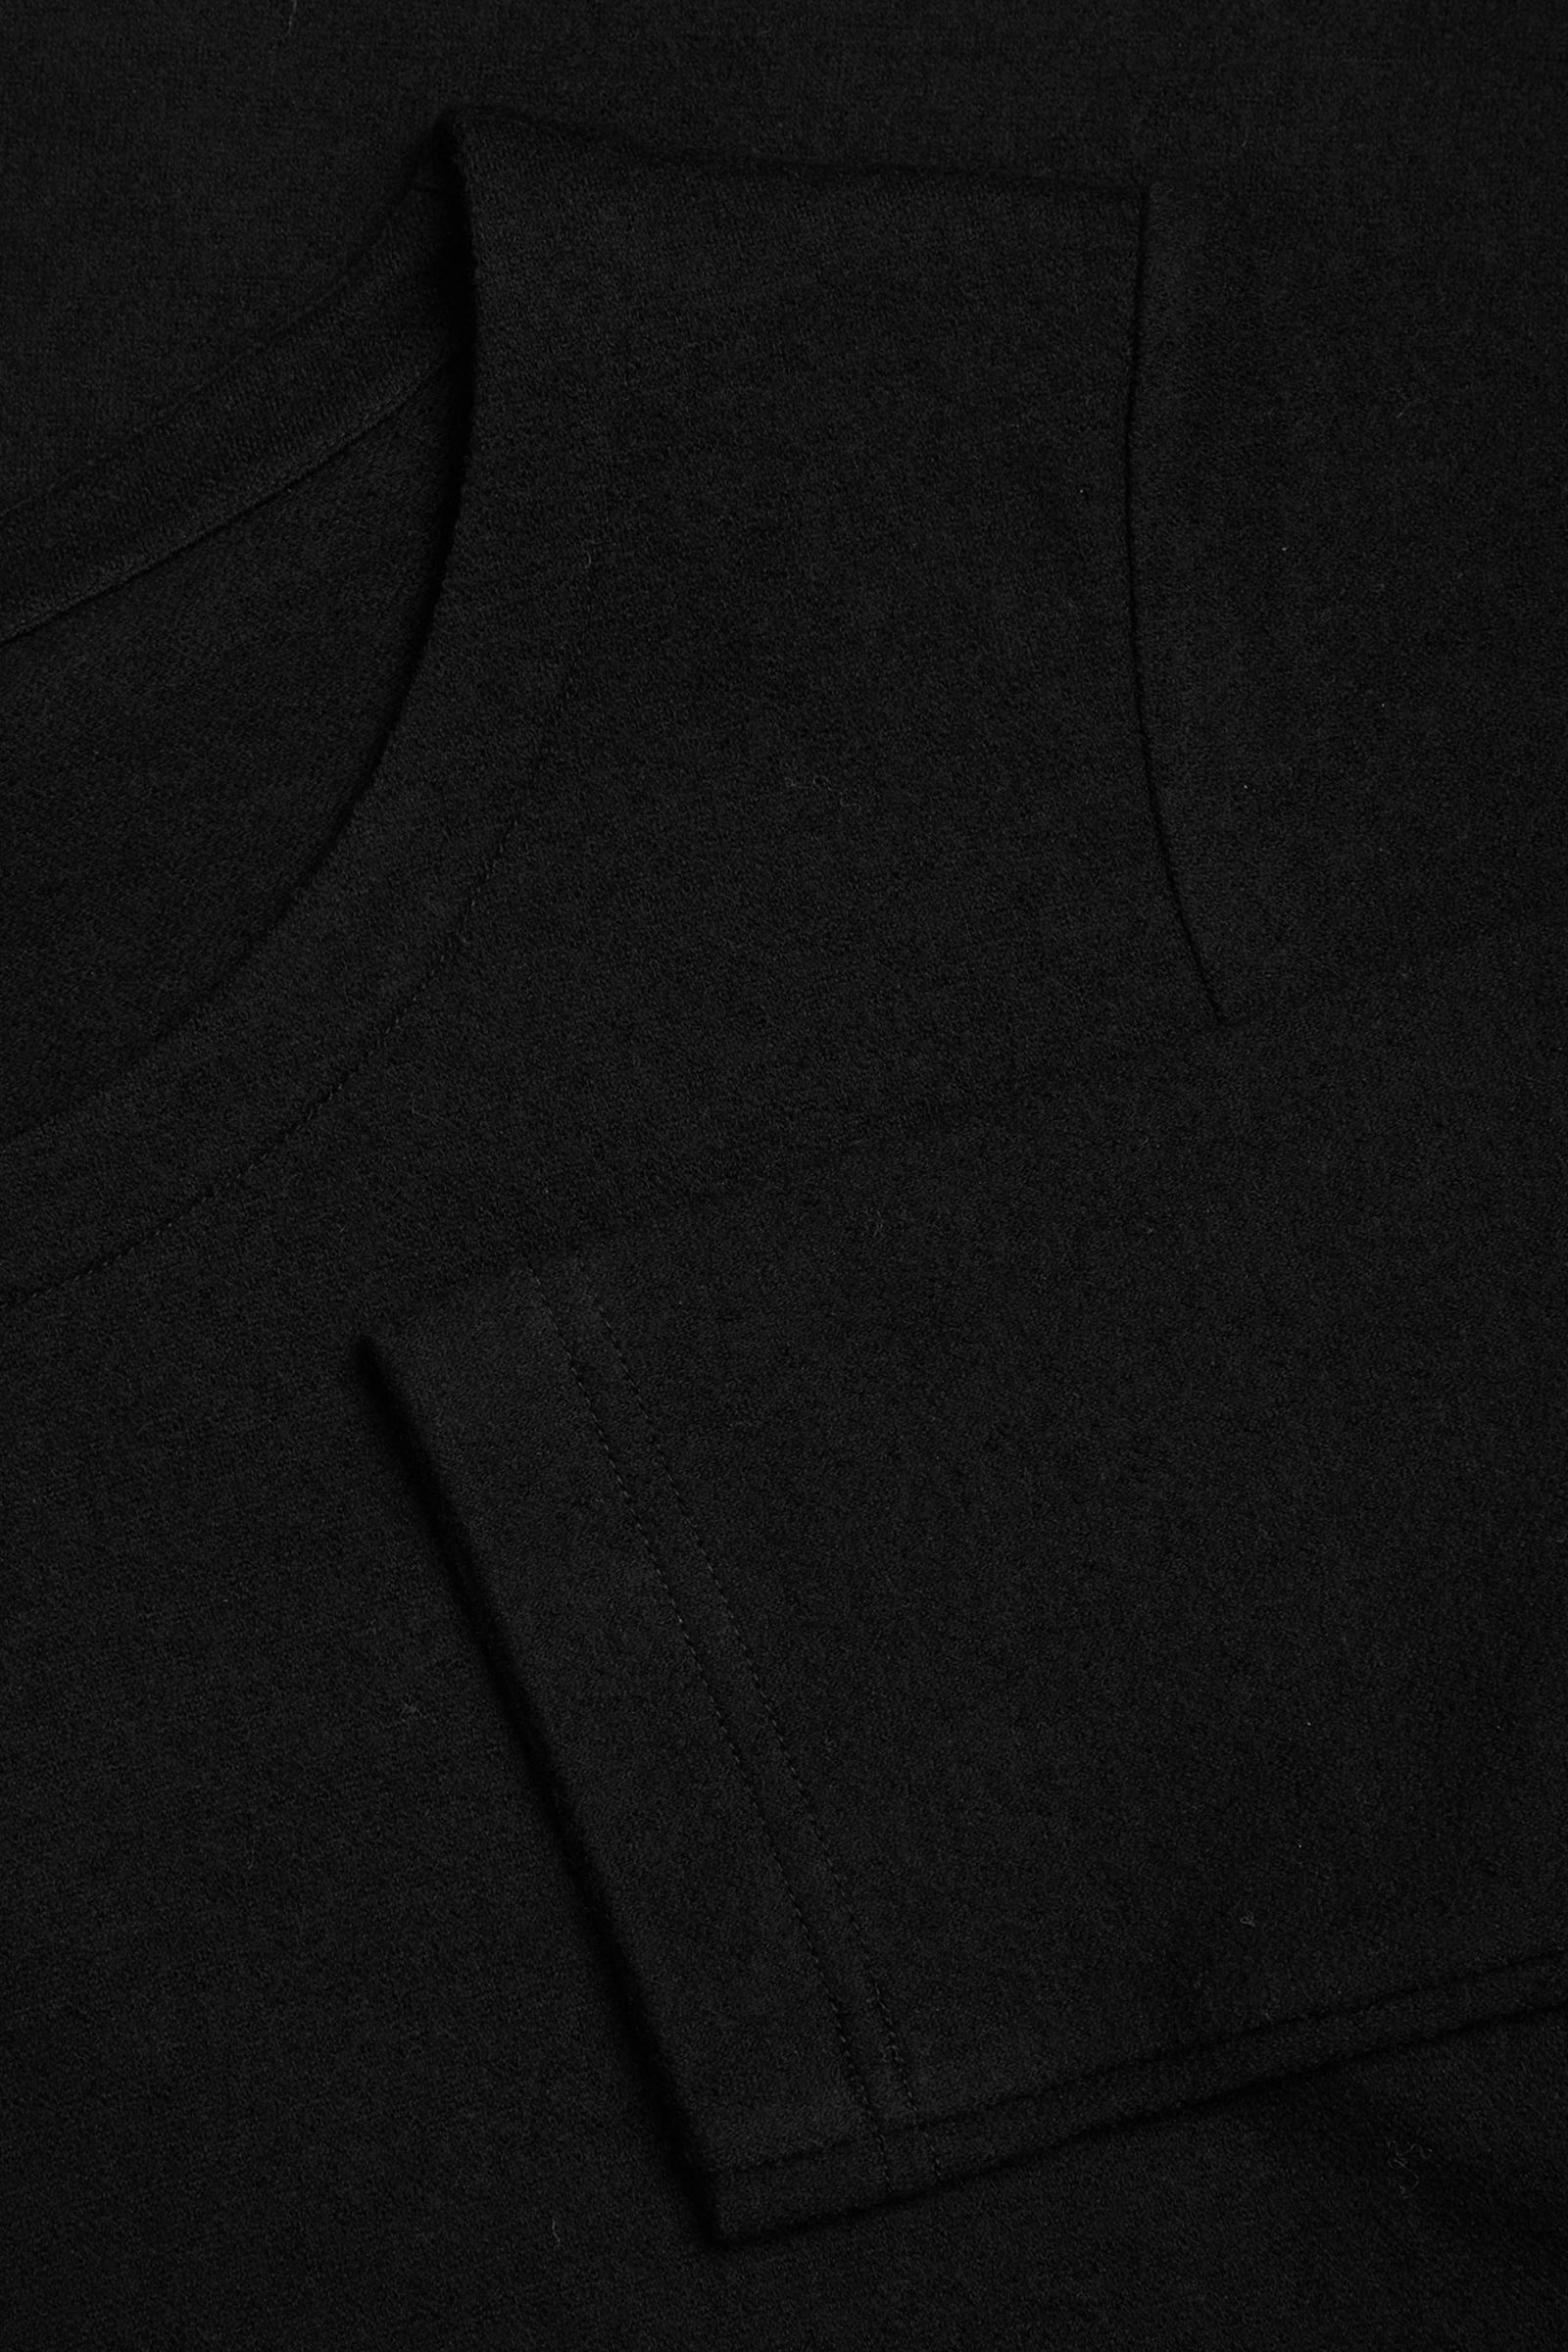 COS 메리노 울 오가닉 코튼 믹스 A라인 드레스의 블랙컬러 Detail입니다.